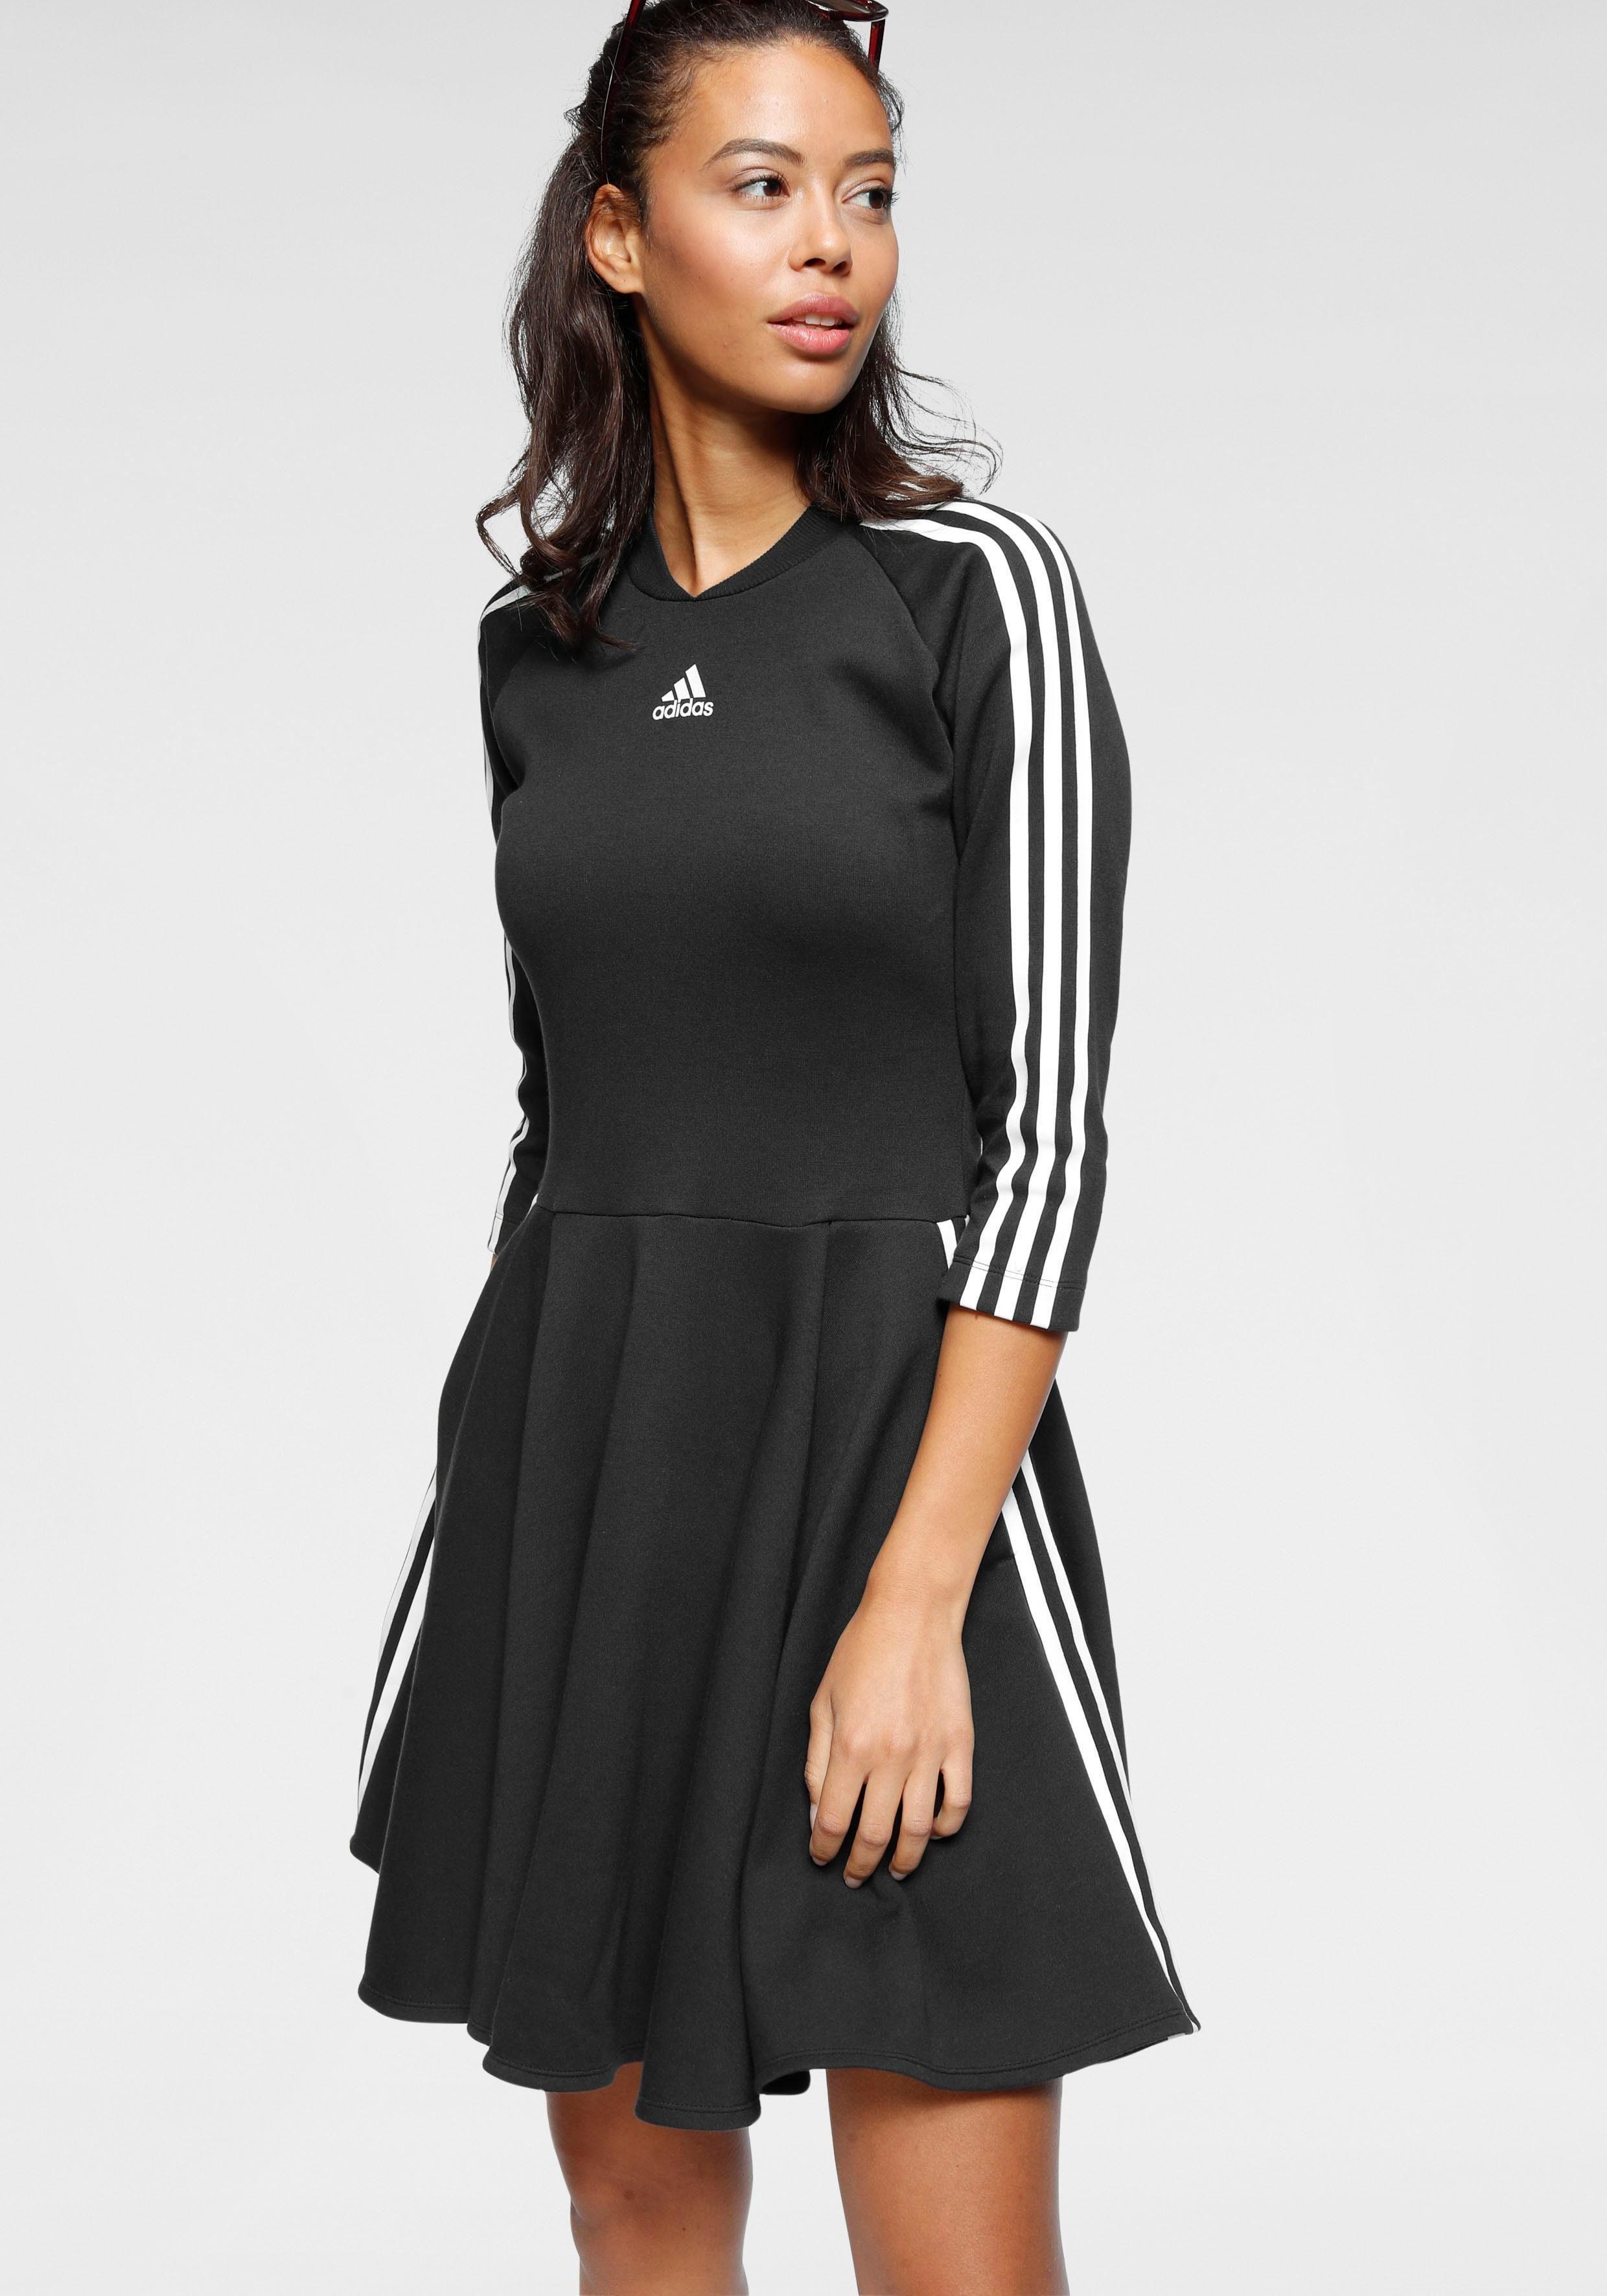 Adidas Originals Kleid mit Logo-Streifen und Allover-Muster Damen Kleid  34 40